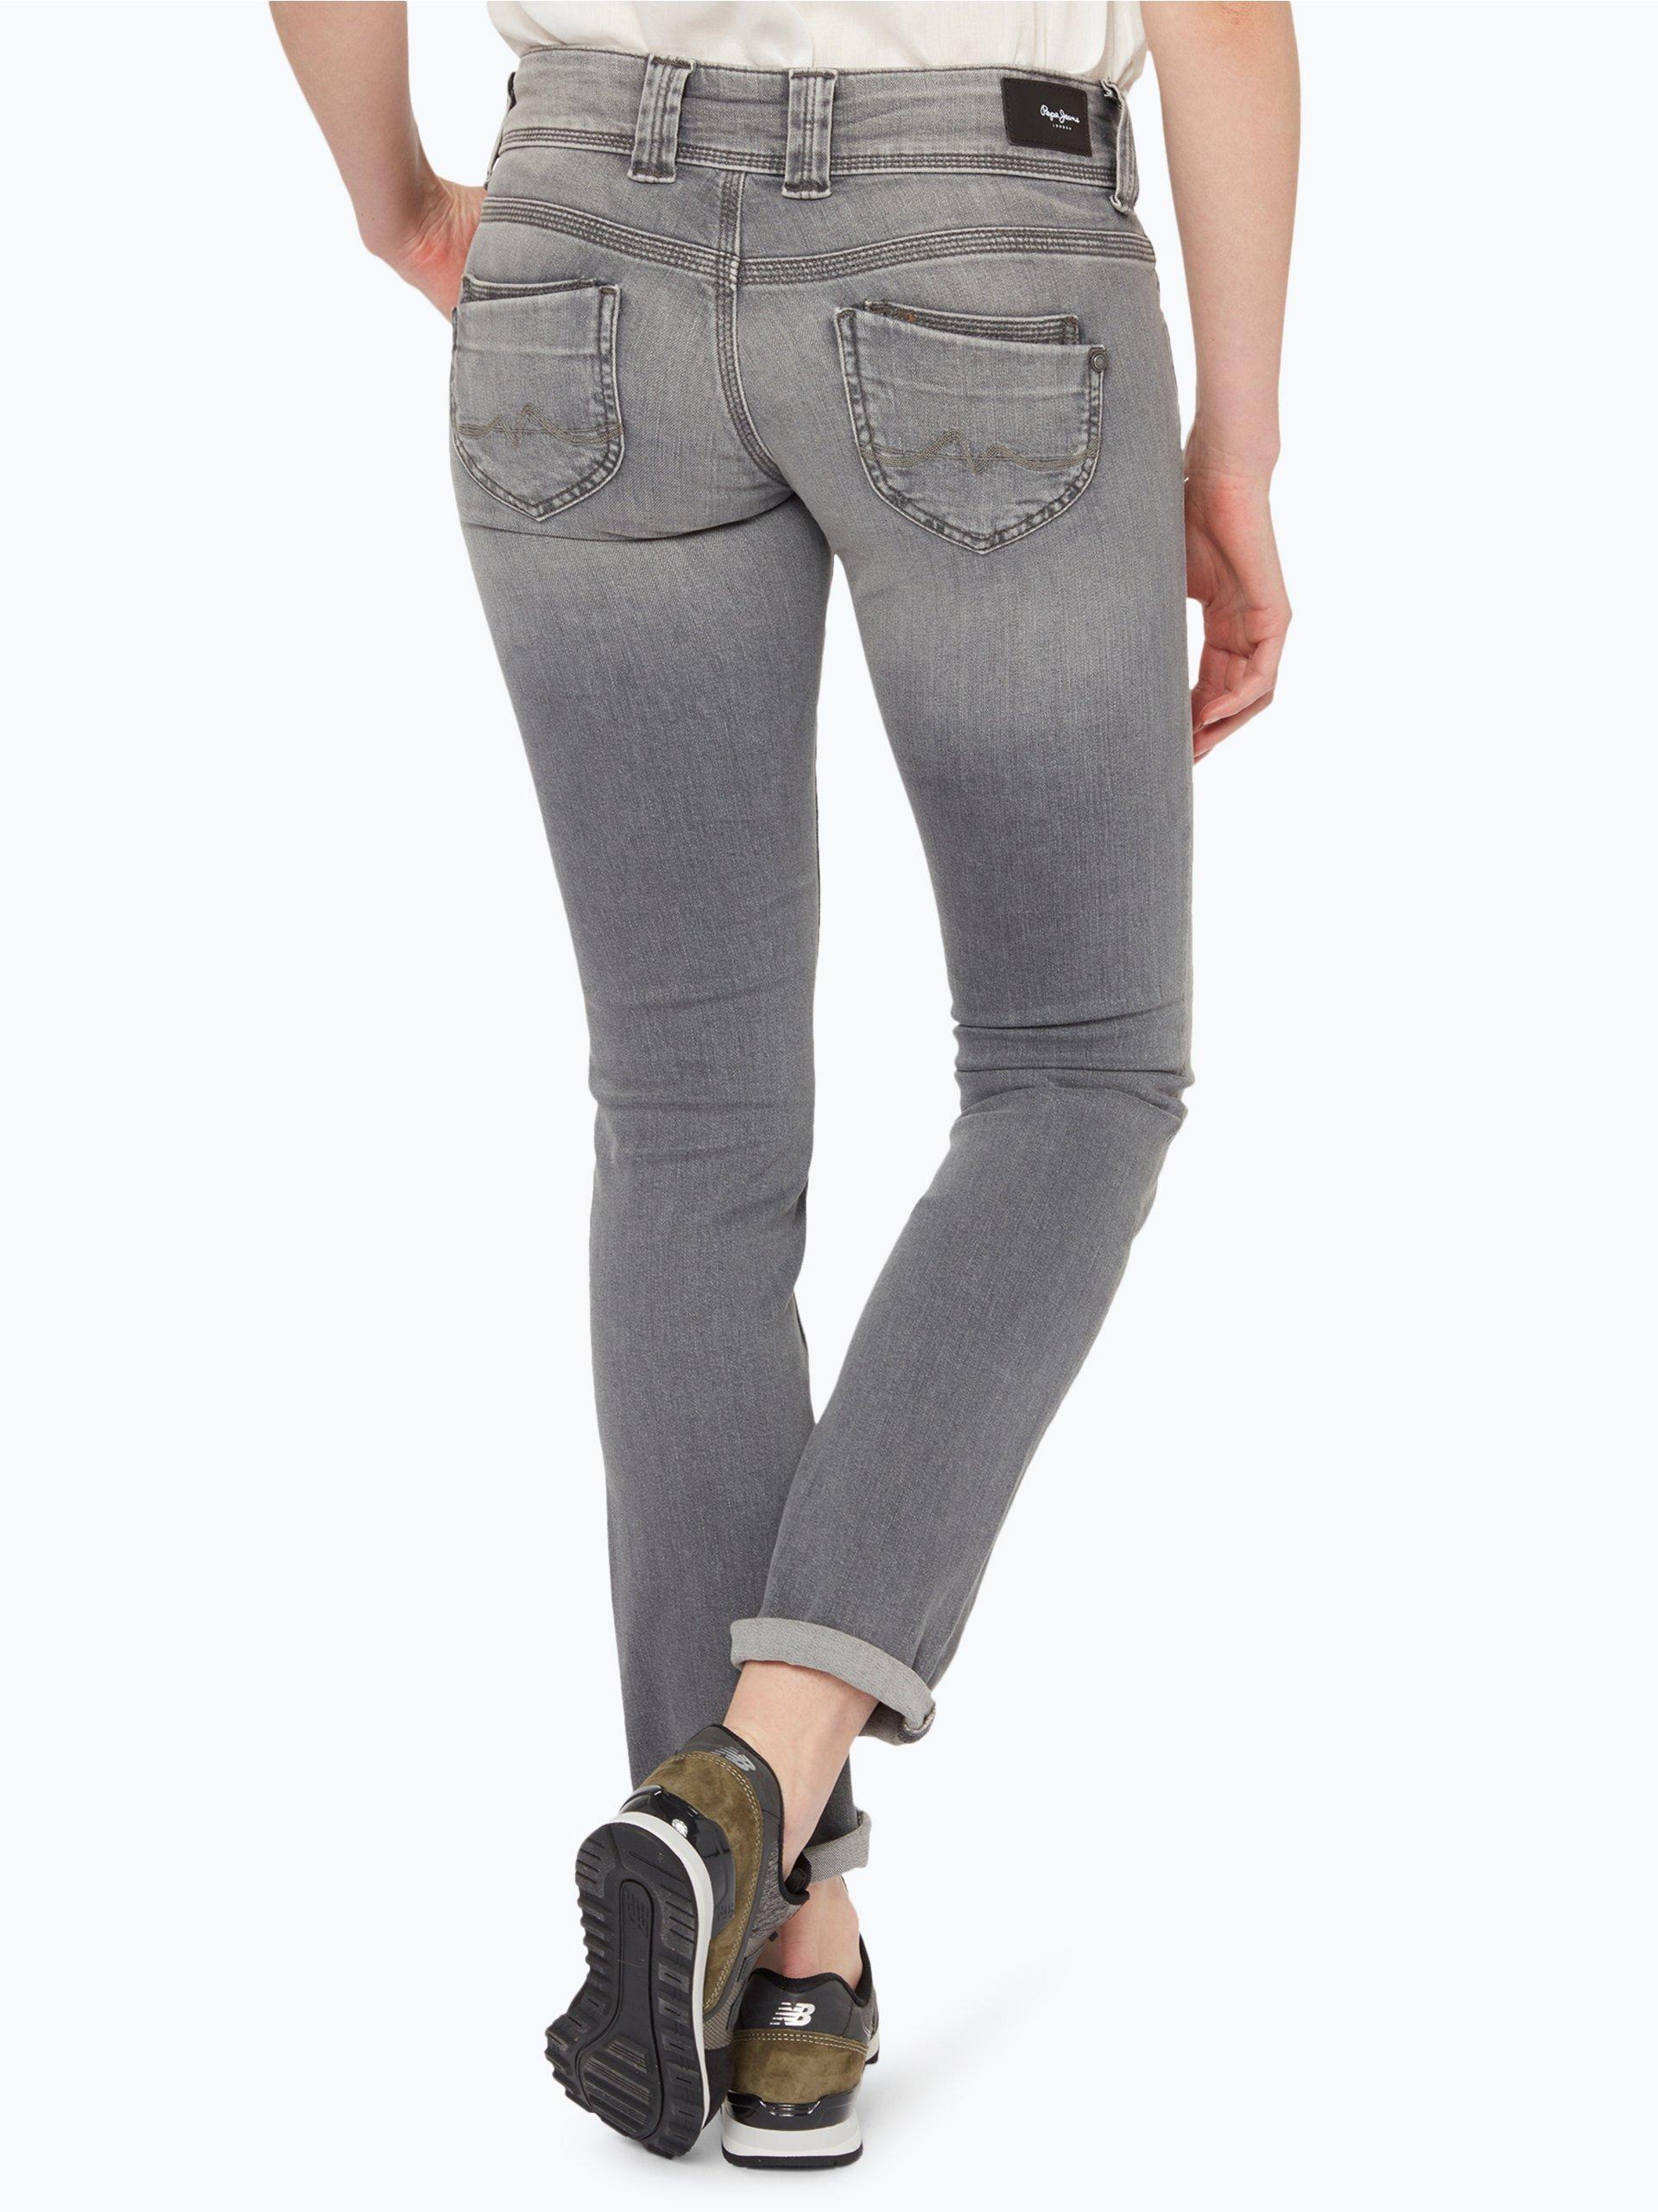 pepe jeans damen jeans venus online kaufen vangraaf com. Black Bedroom Furniture Sets. Home Design Ideas